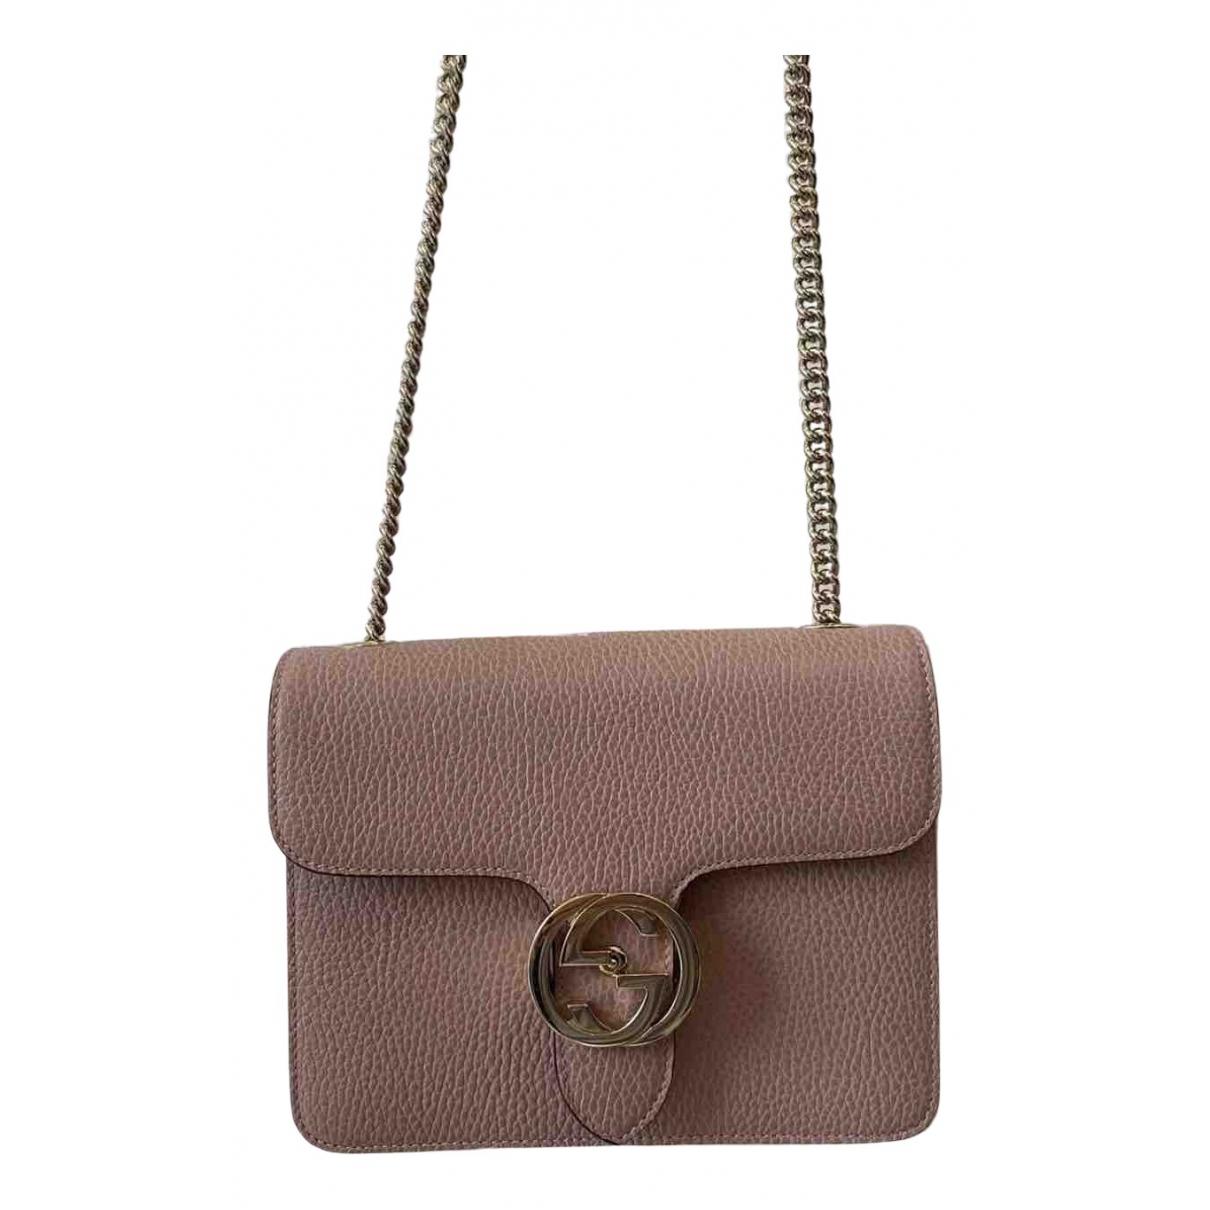 Gucci - Sac a main Interlocking pour femme en cuir - rose